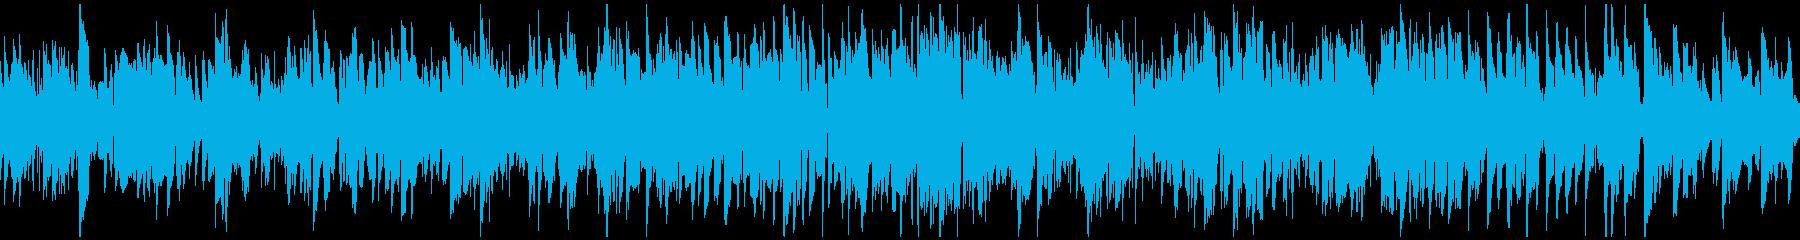 美しいメロディのジャズ・ワルツ※ループ版の再生済みの波形